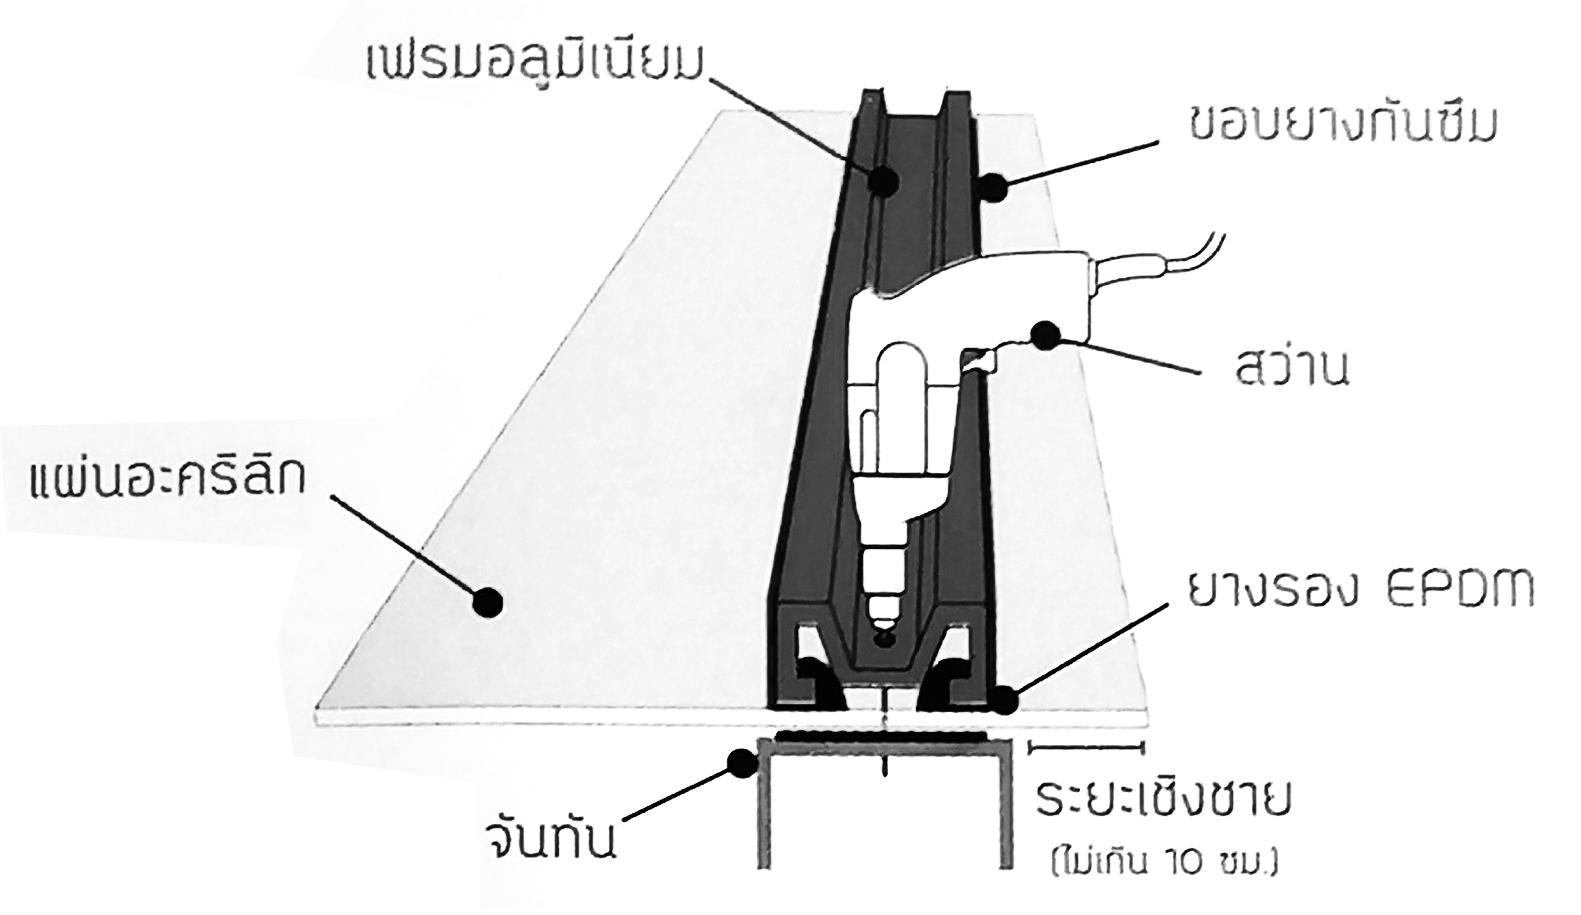 วิธีการทำให้สกรูอยู่กึ่งกลางรูคว้าน